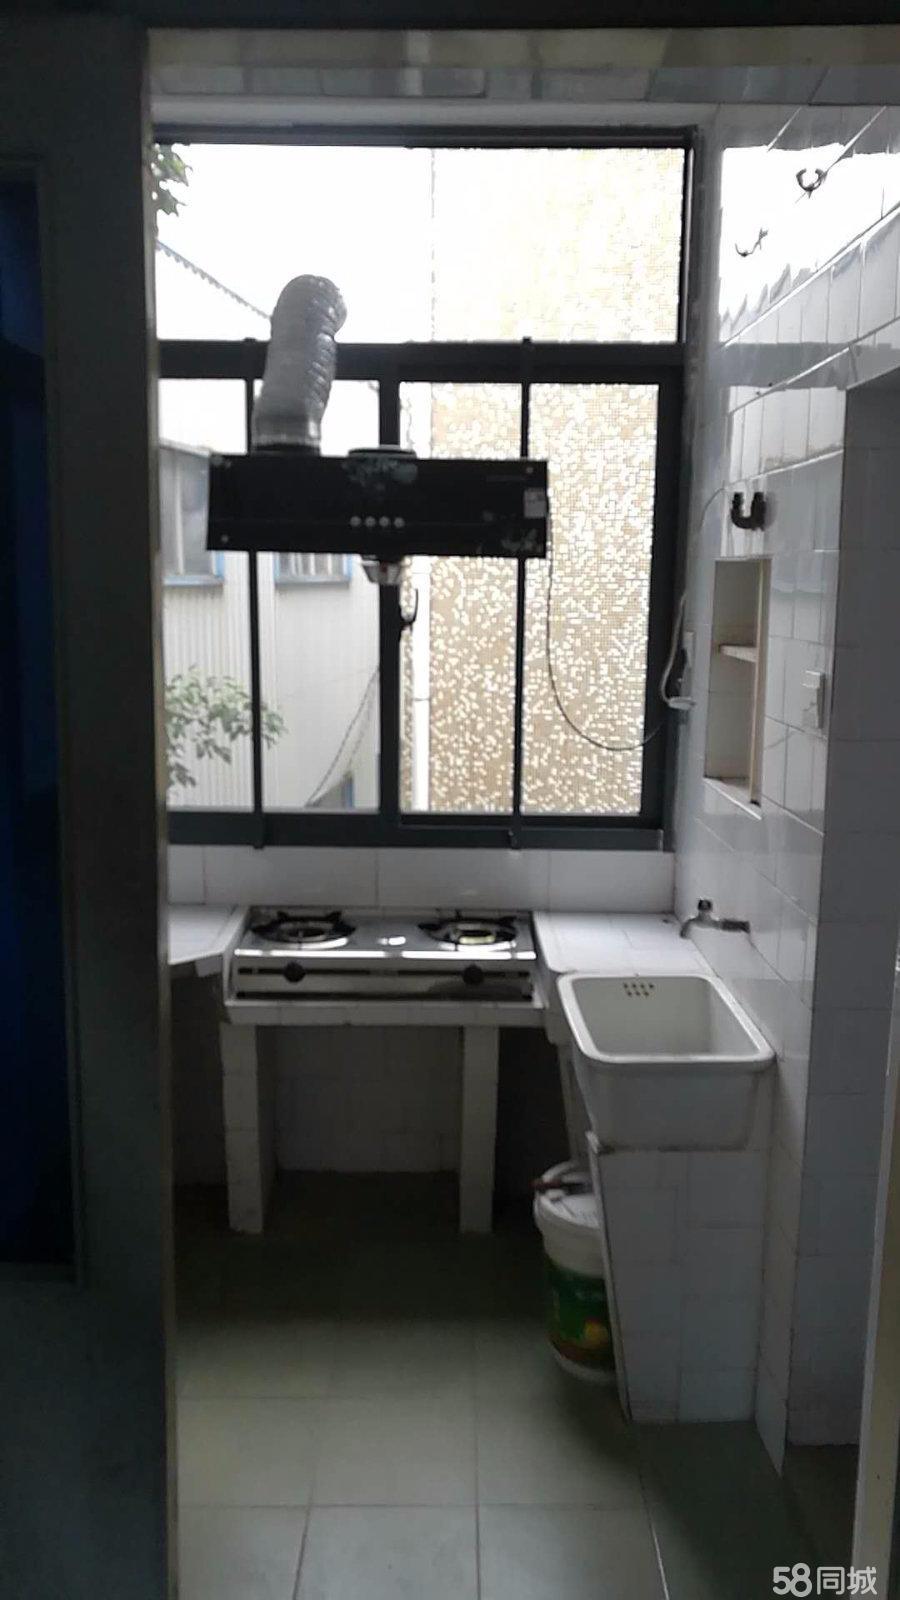 澳门星际县人武部宿舍2室1厅1卫60平米